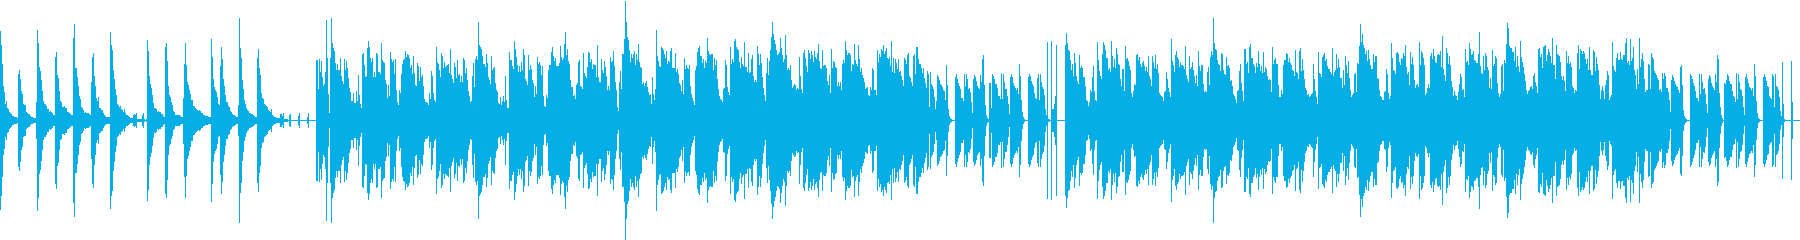 まったりとした印象のポップスの再生済みの波形